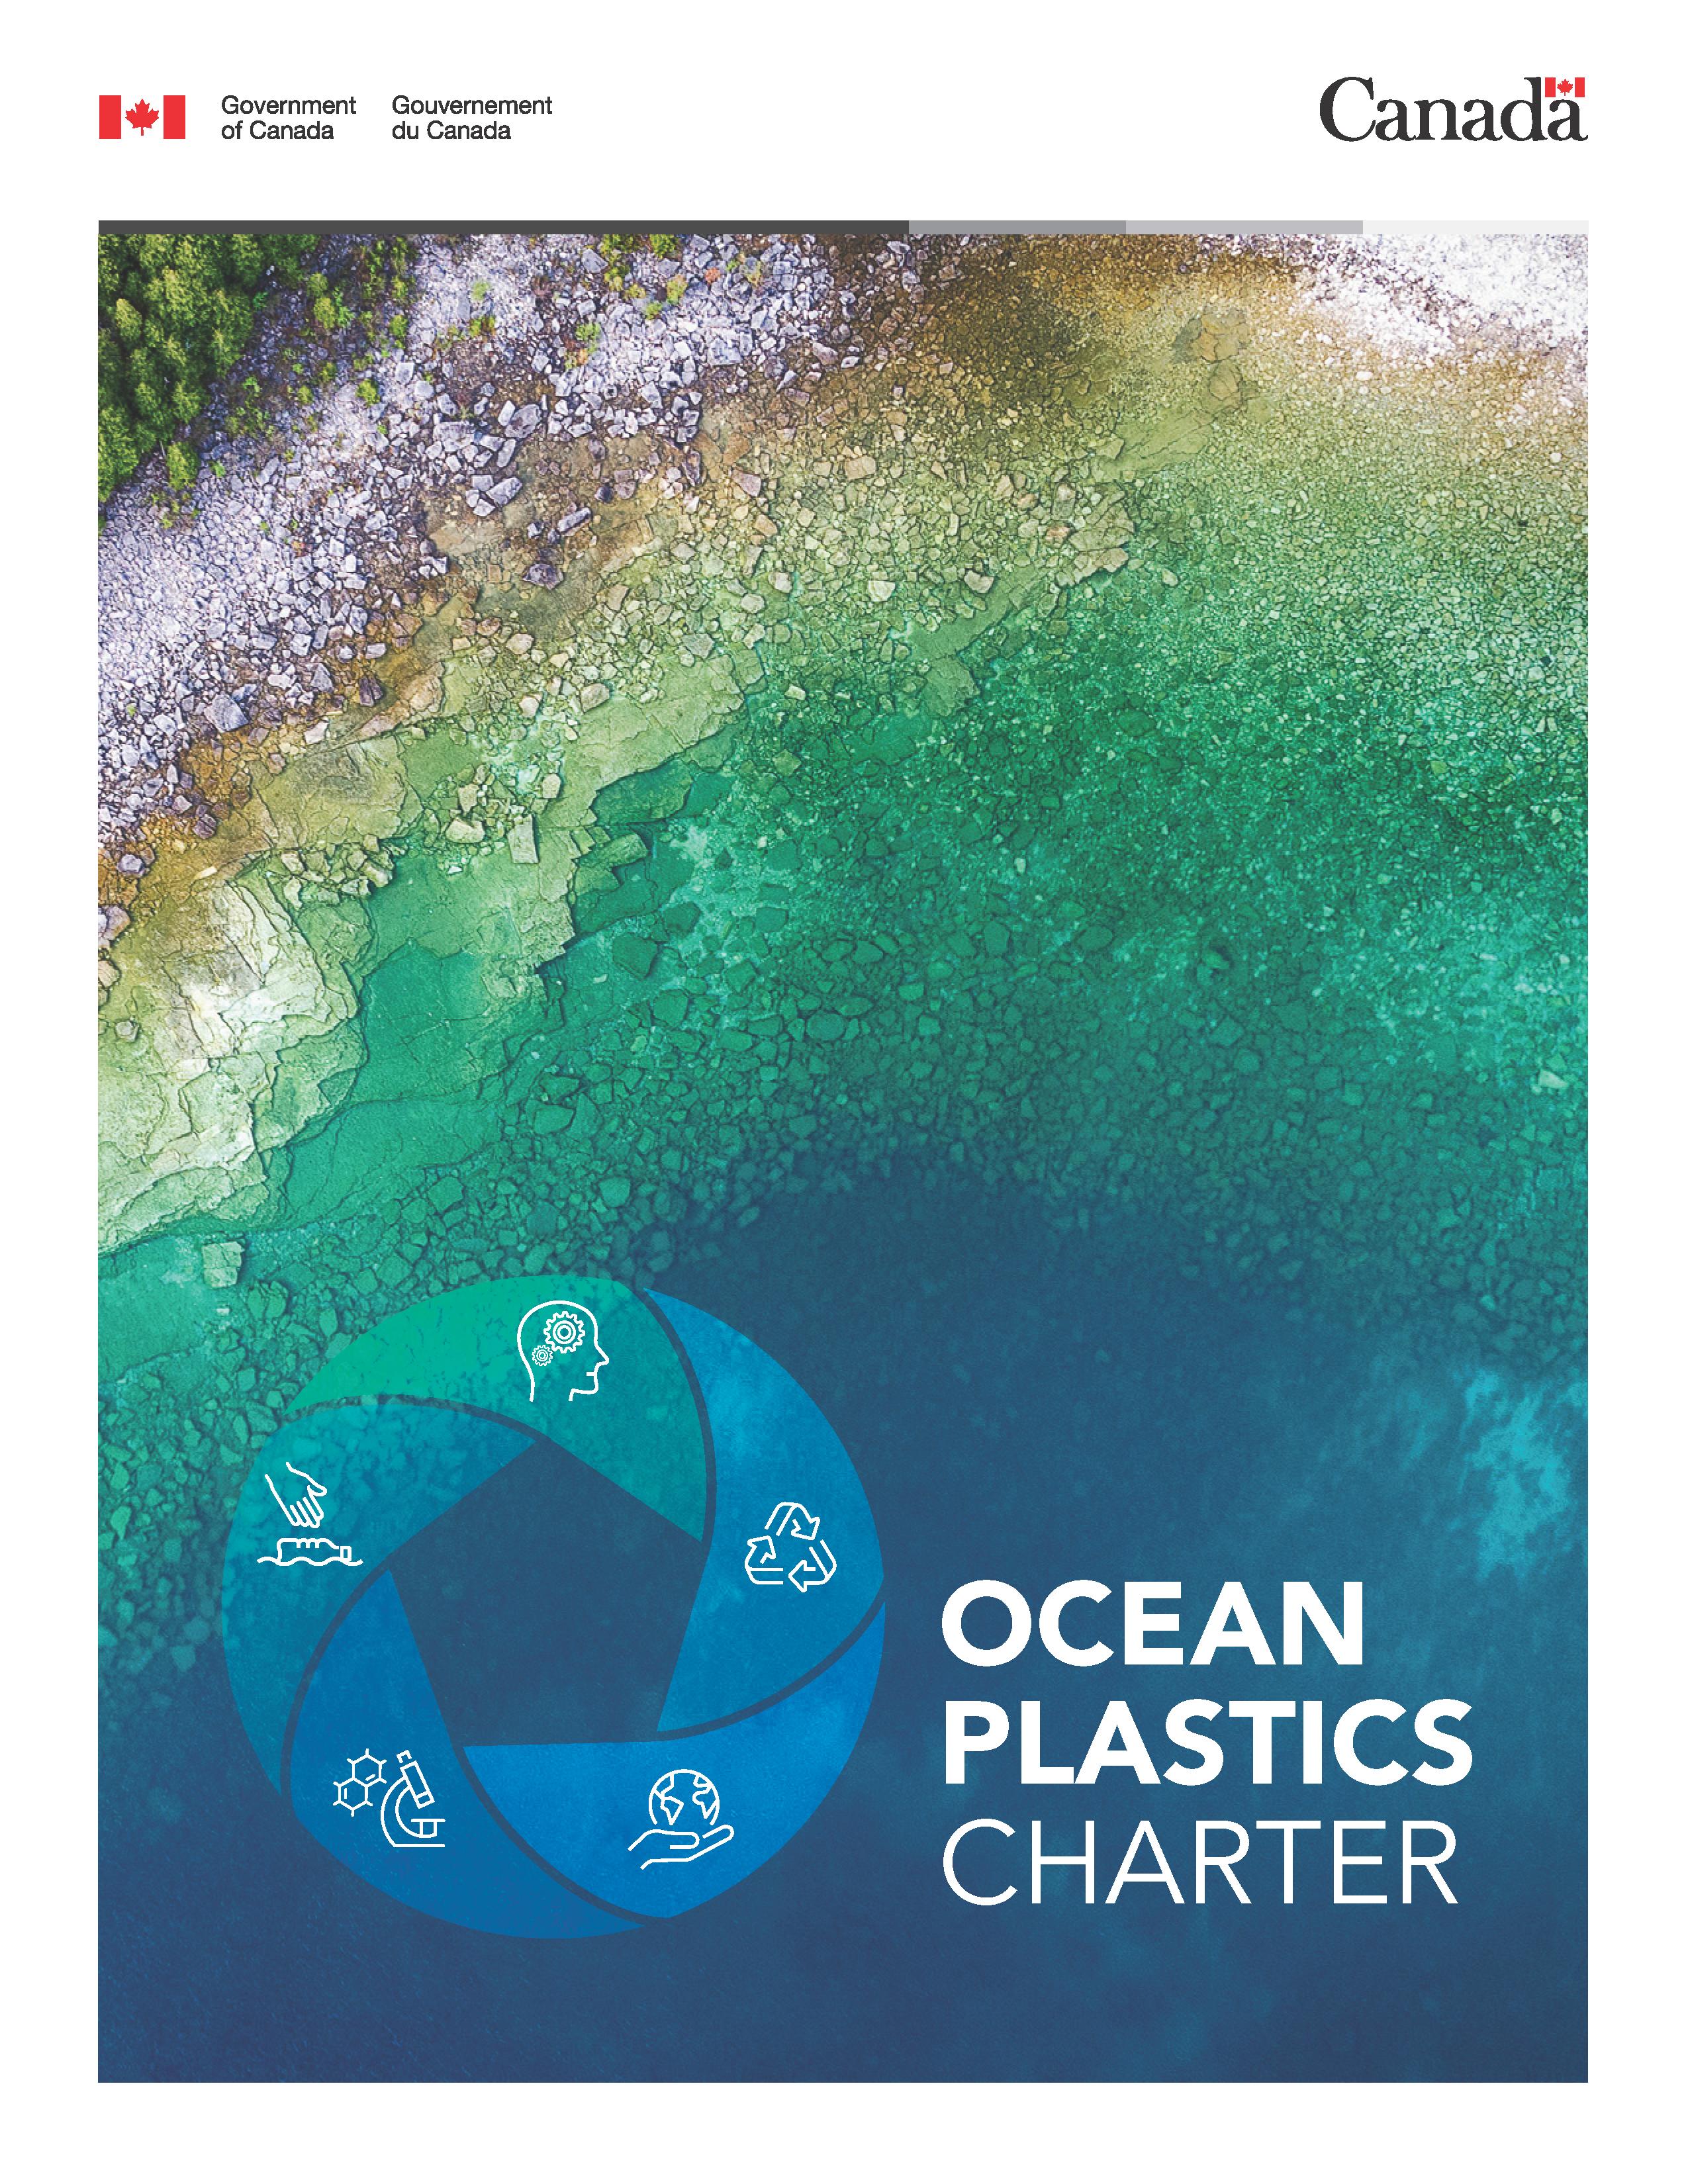 Ocean Plastics Charter 2019 - 100% recyclable